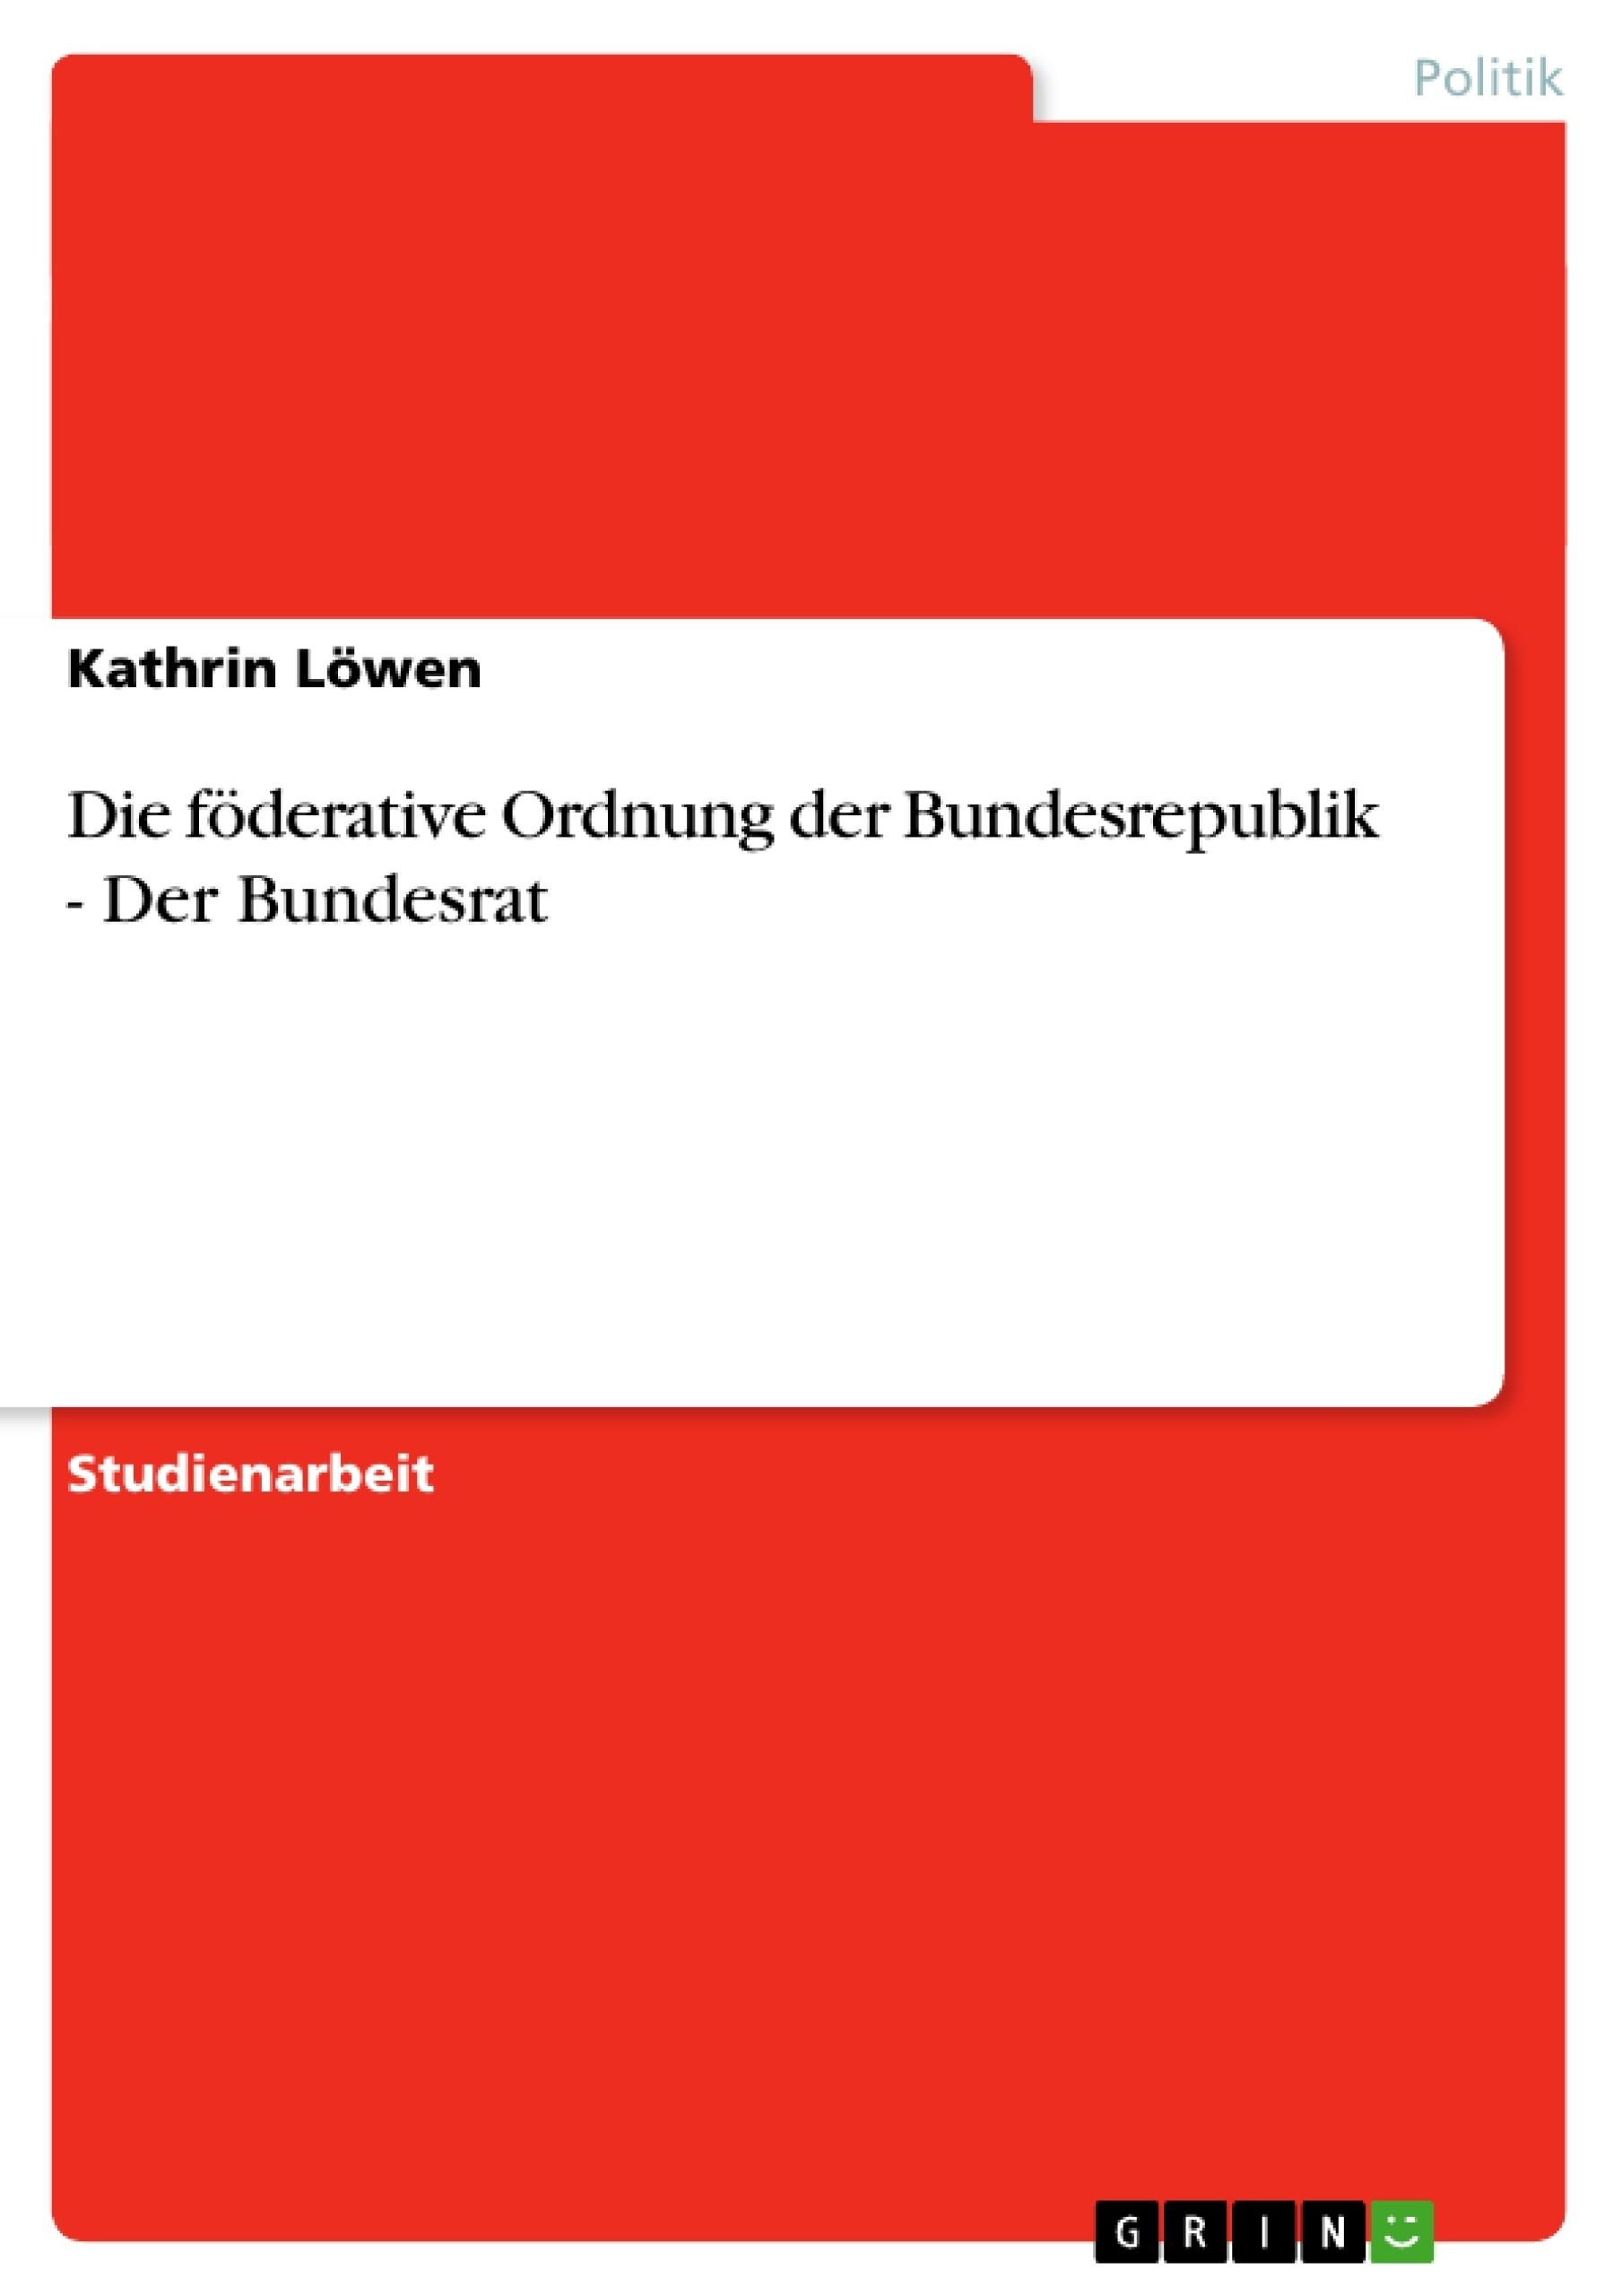 Titel: Die föderative Ordnung der Bundesrepublik - Der Bundesrat